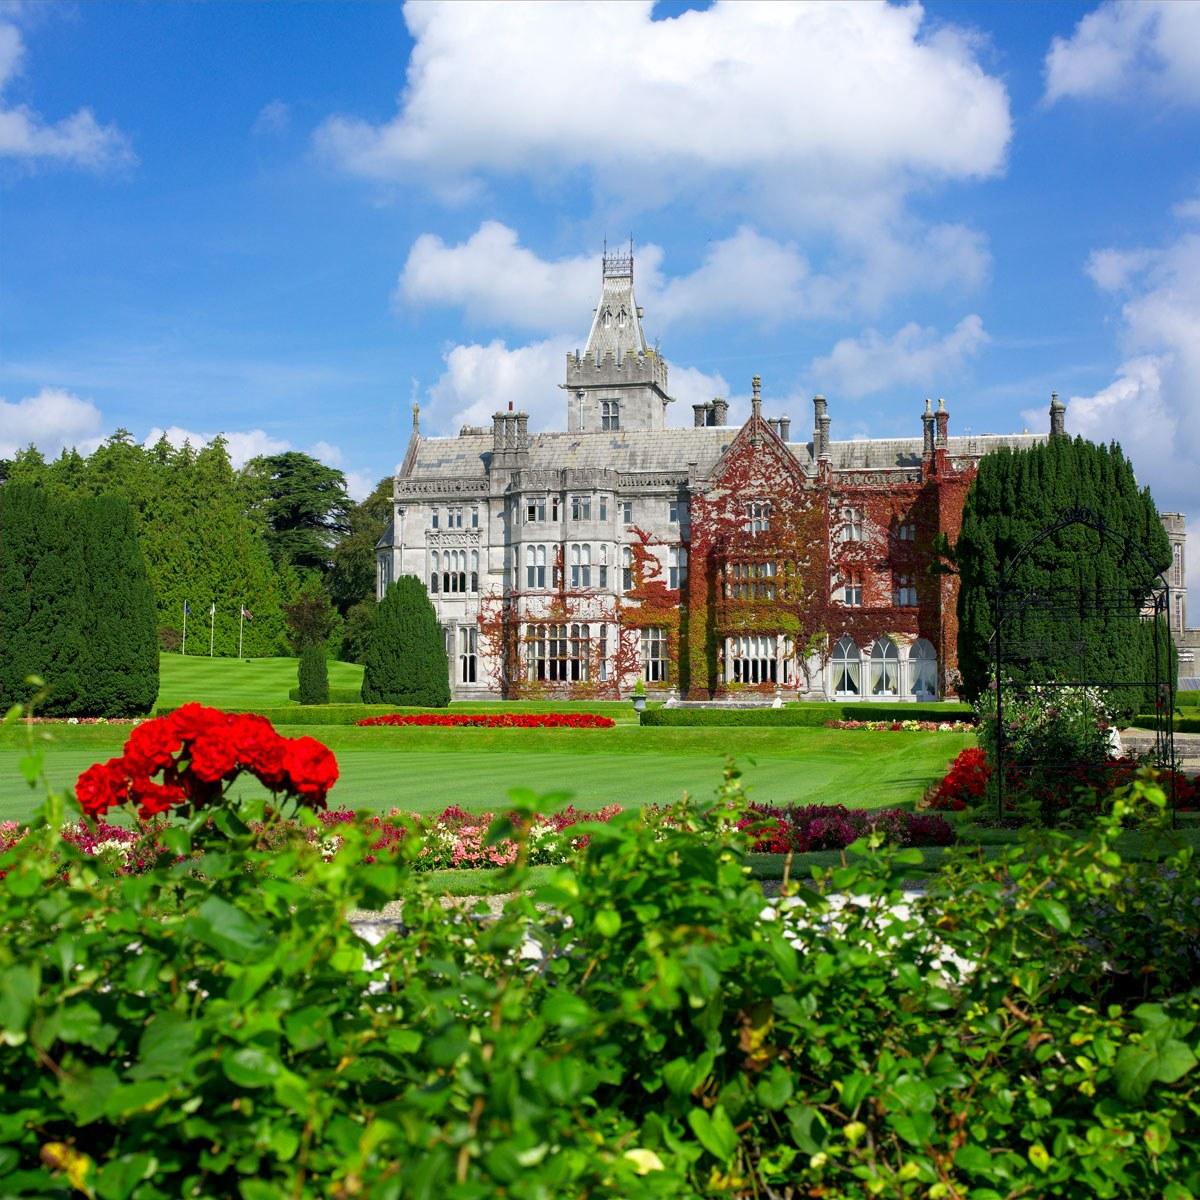 まるで18世紀にタイムスリップしたような伯爵ホテル「アデア・マナー・ホテル&ゴルフ・リゾート」